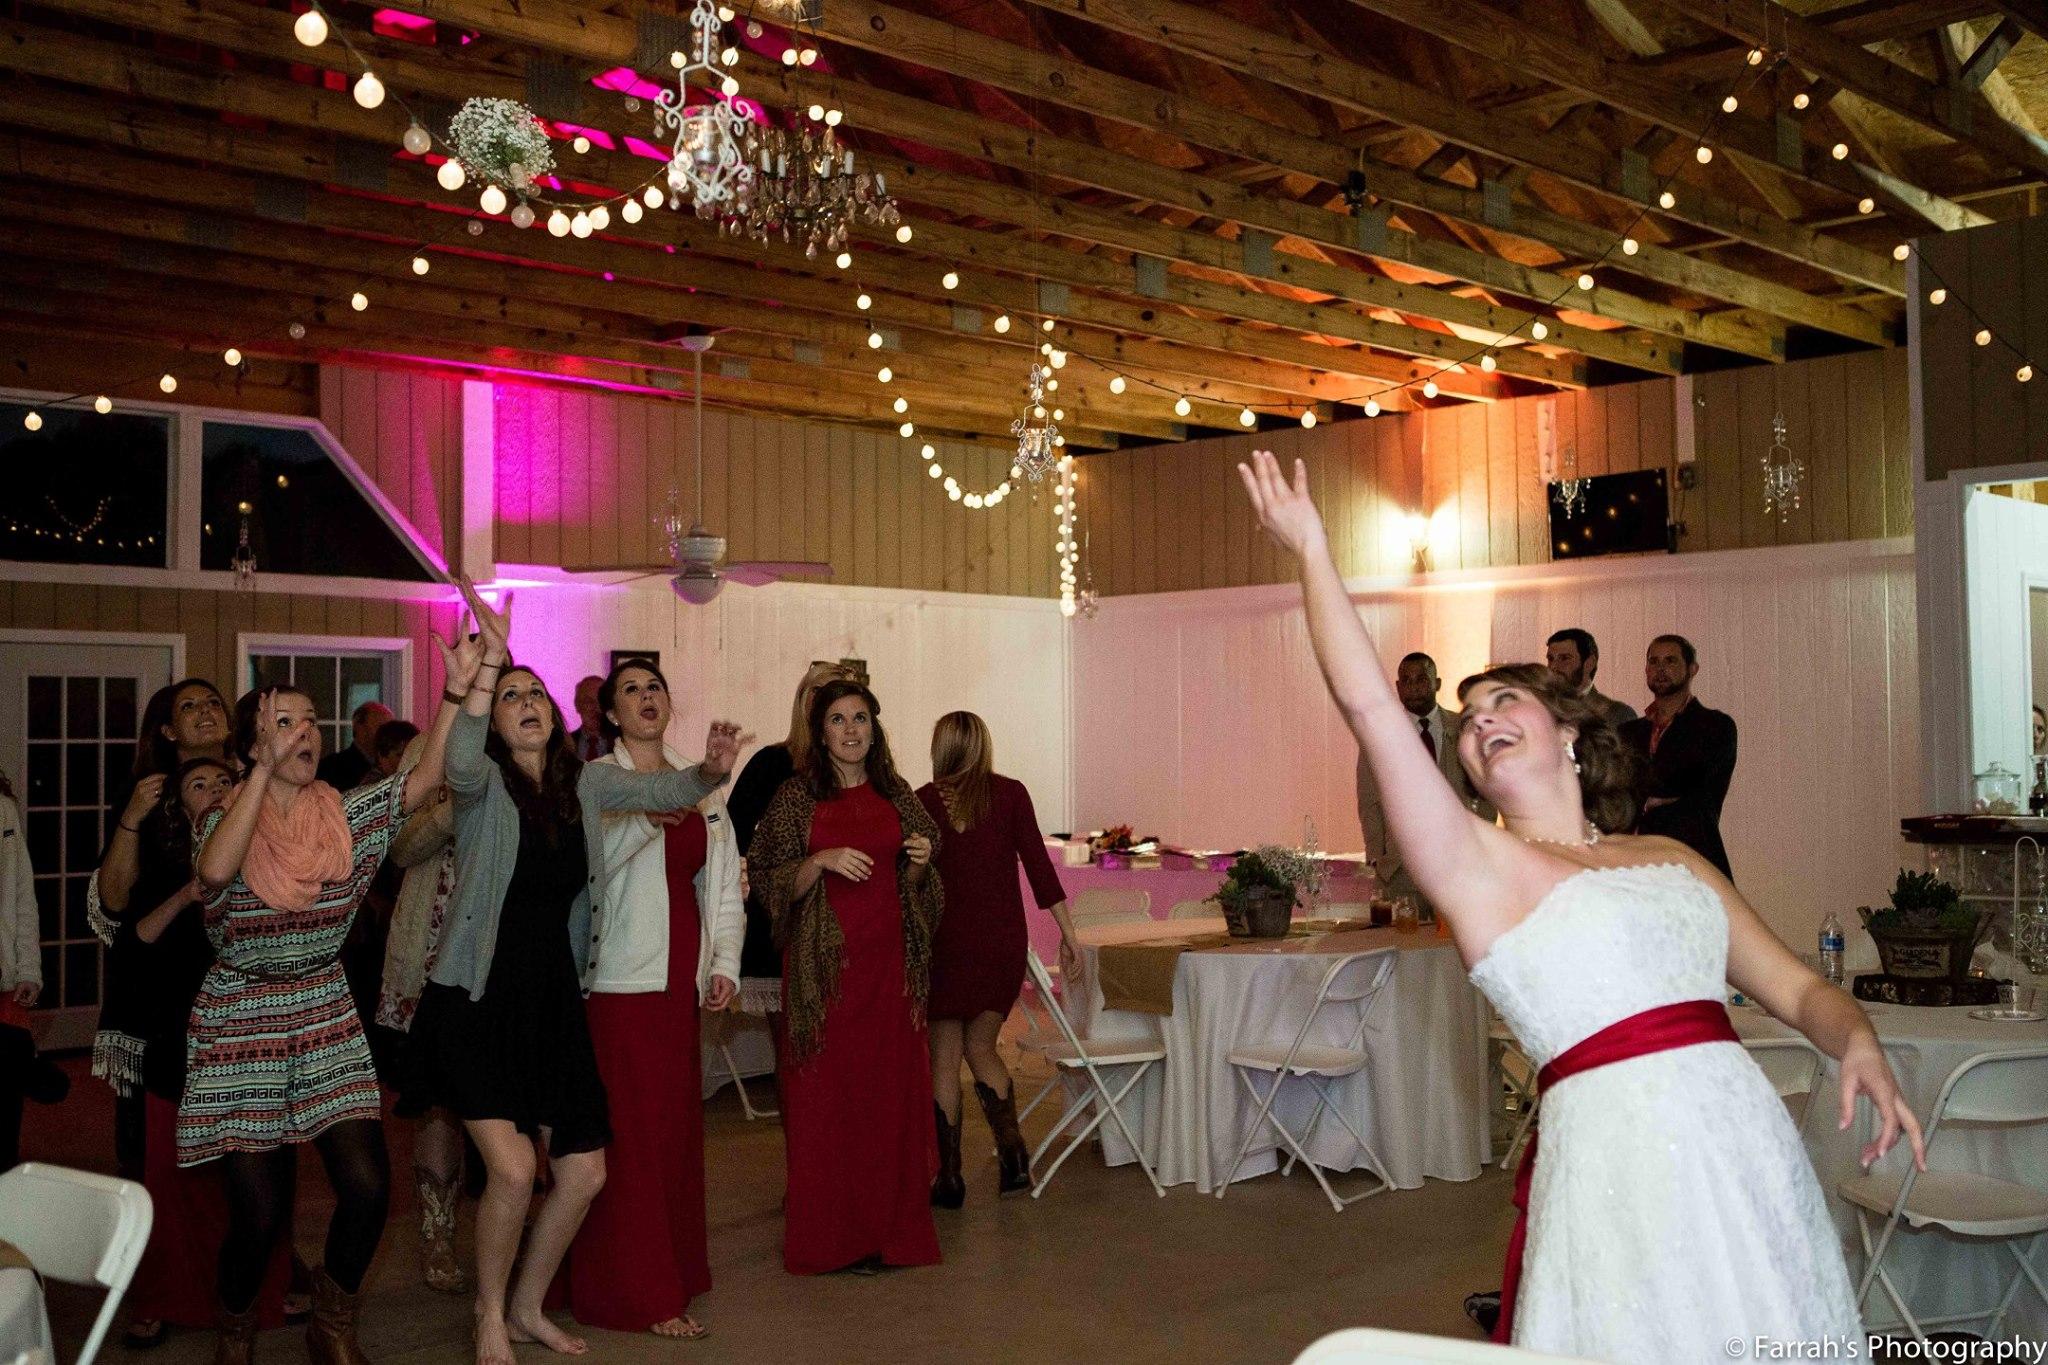 wedding decorations - Knox Vegas DJs